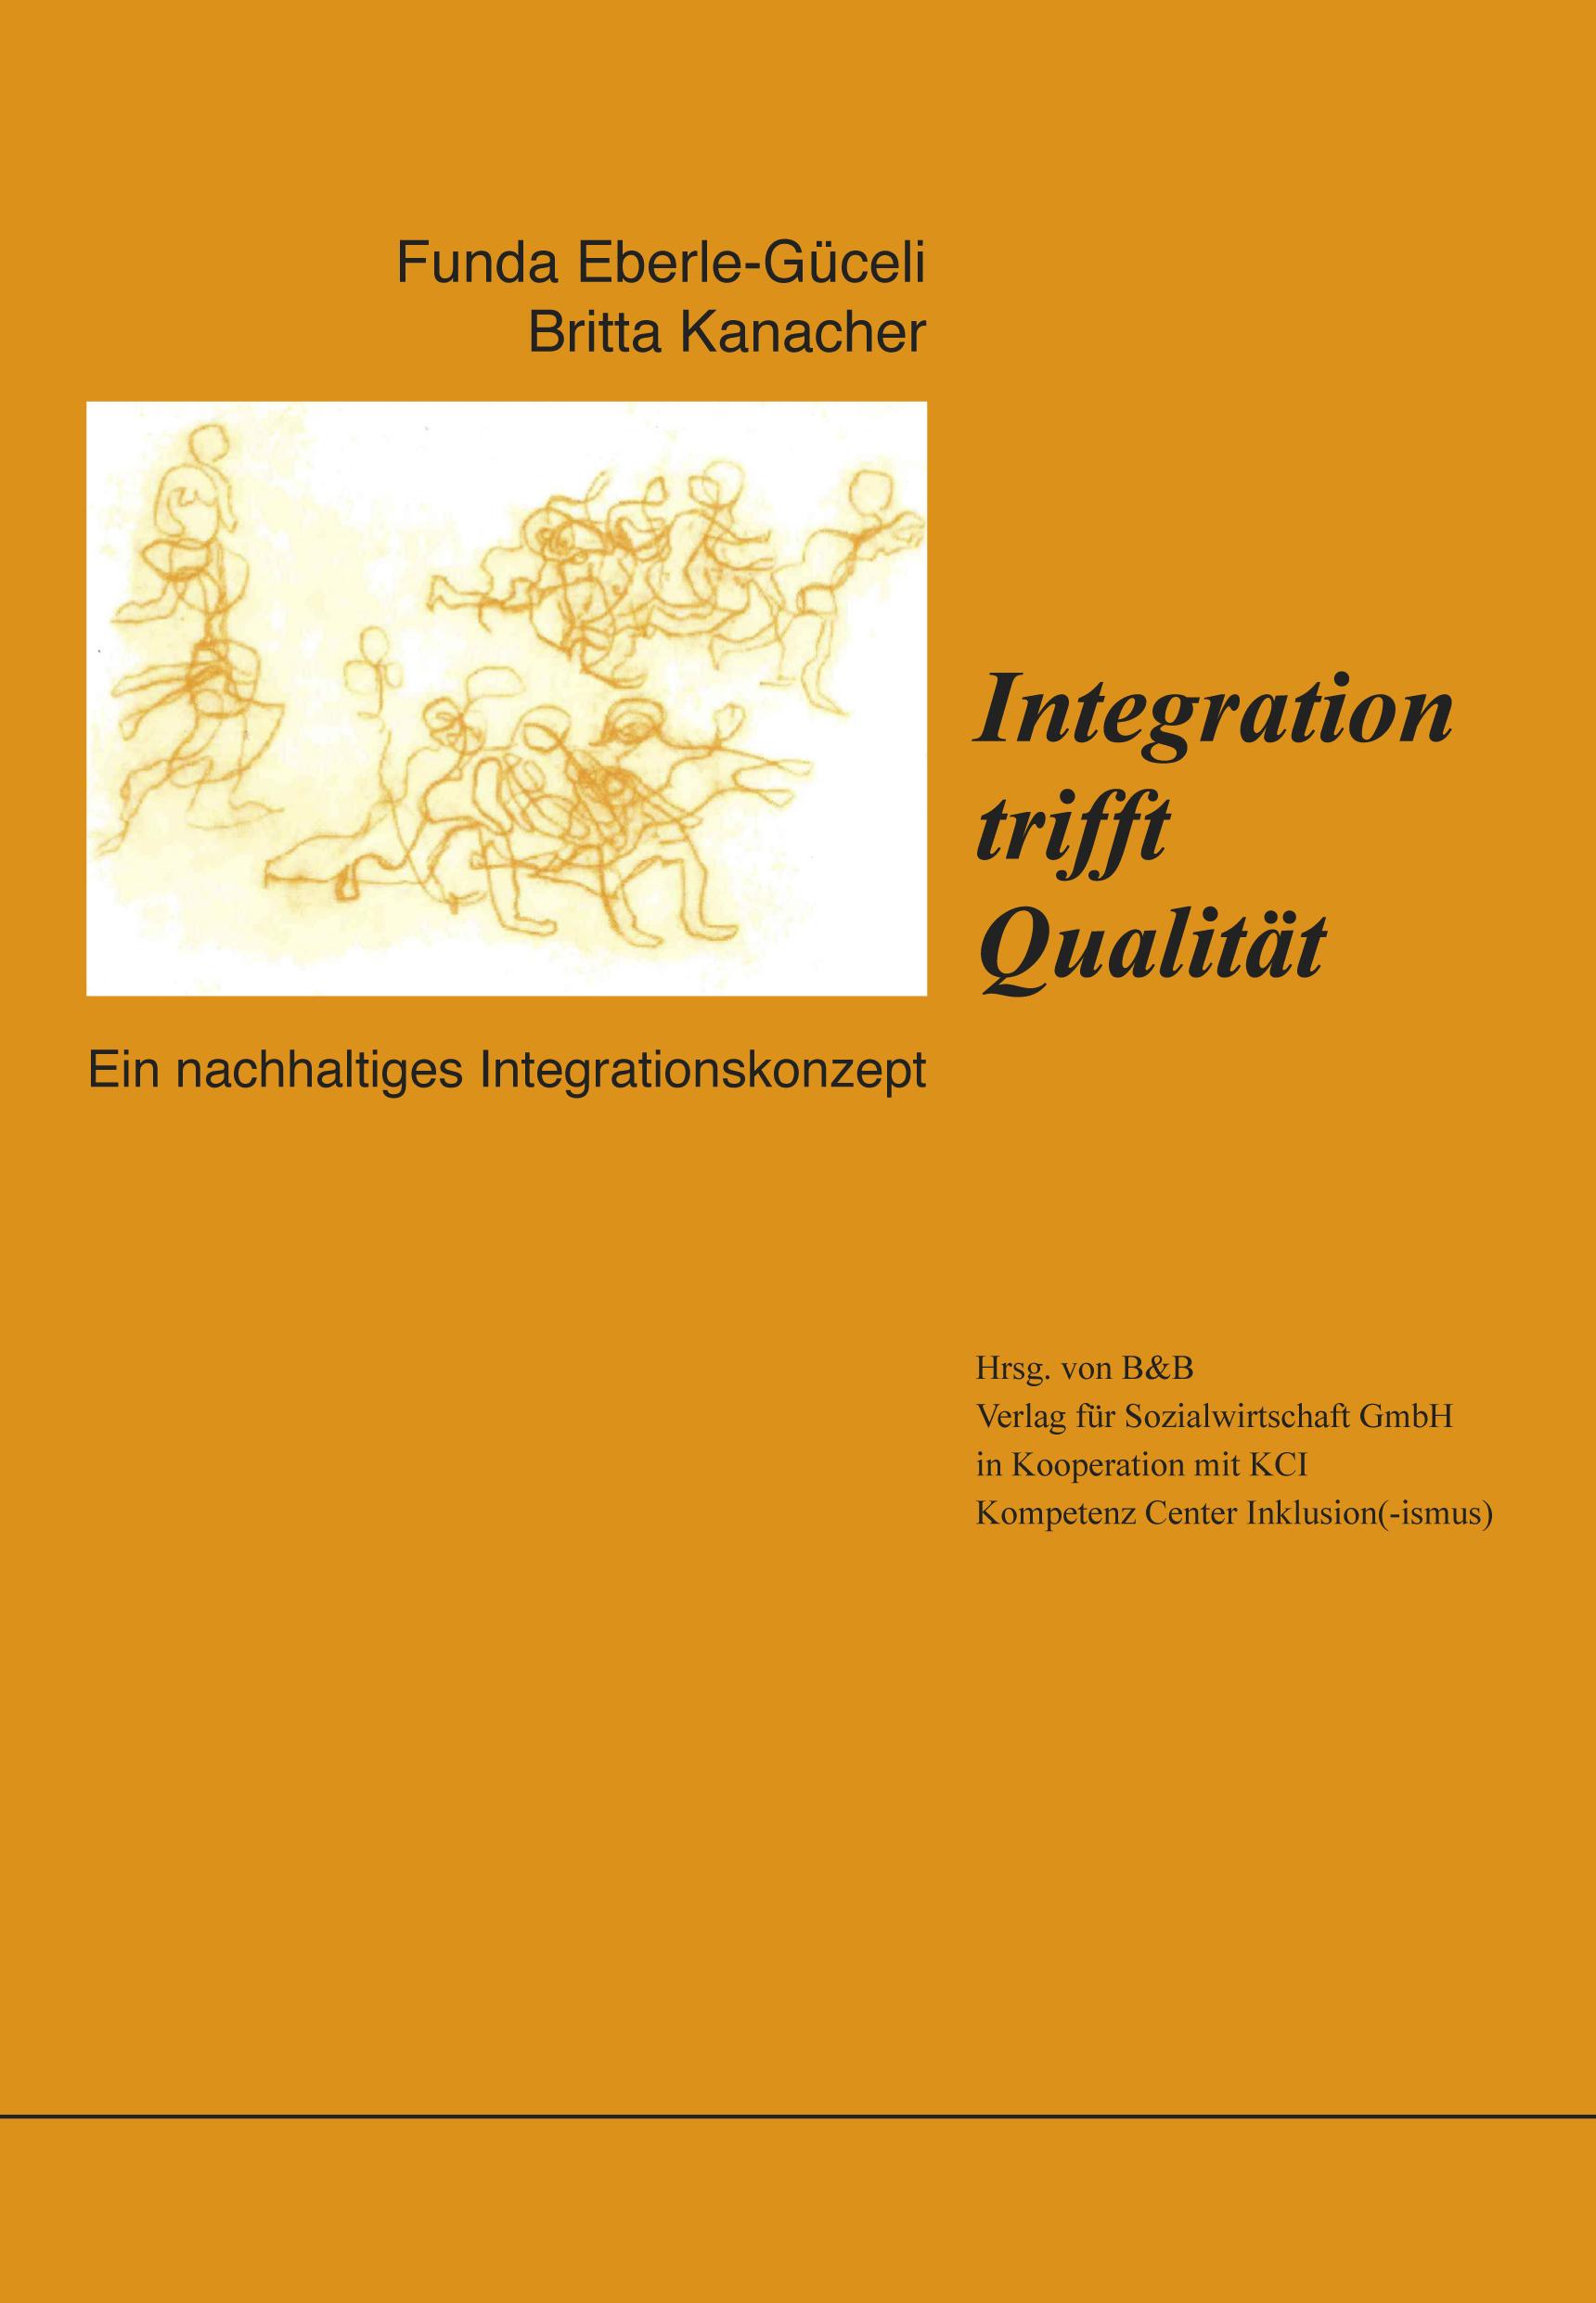 Britta Kanacher: Integration trifft Qualität. Ein nachhaltiges Integrationskonzept